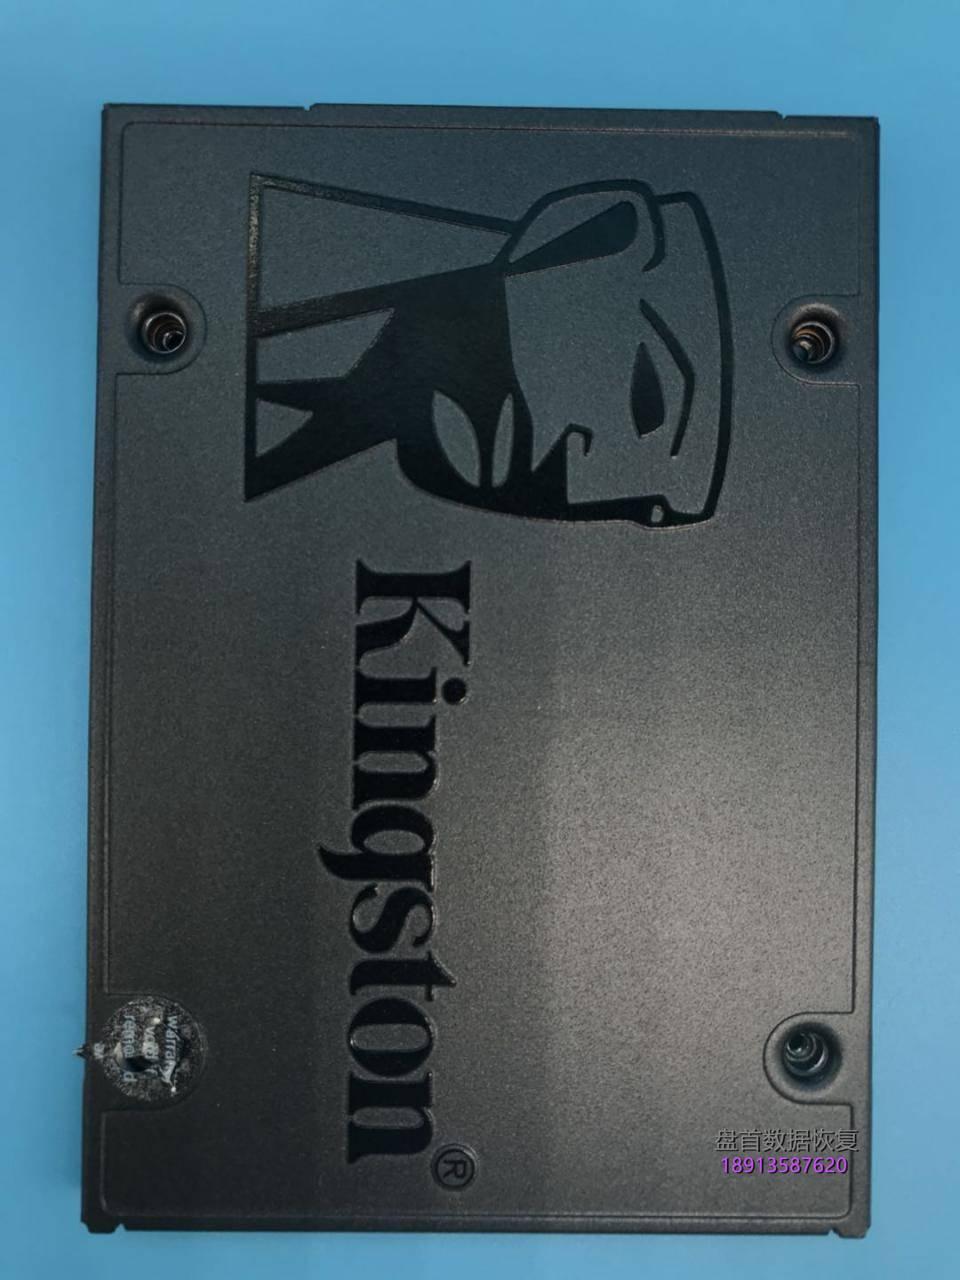 主控型号cp33238b(ps3111)认识别成satafirm-s11金士顿kingston-sa400s37-480g-ssd固态硬 主控型号CP33238B(PS3111)认识别成SATAFIRM S11金士顿Kingston SA400S37 480G SSD固态硬盘数据恢复成功